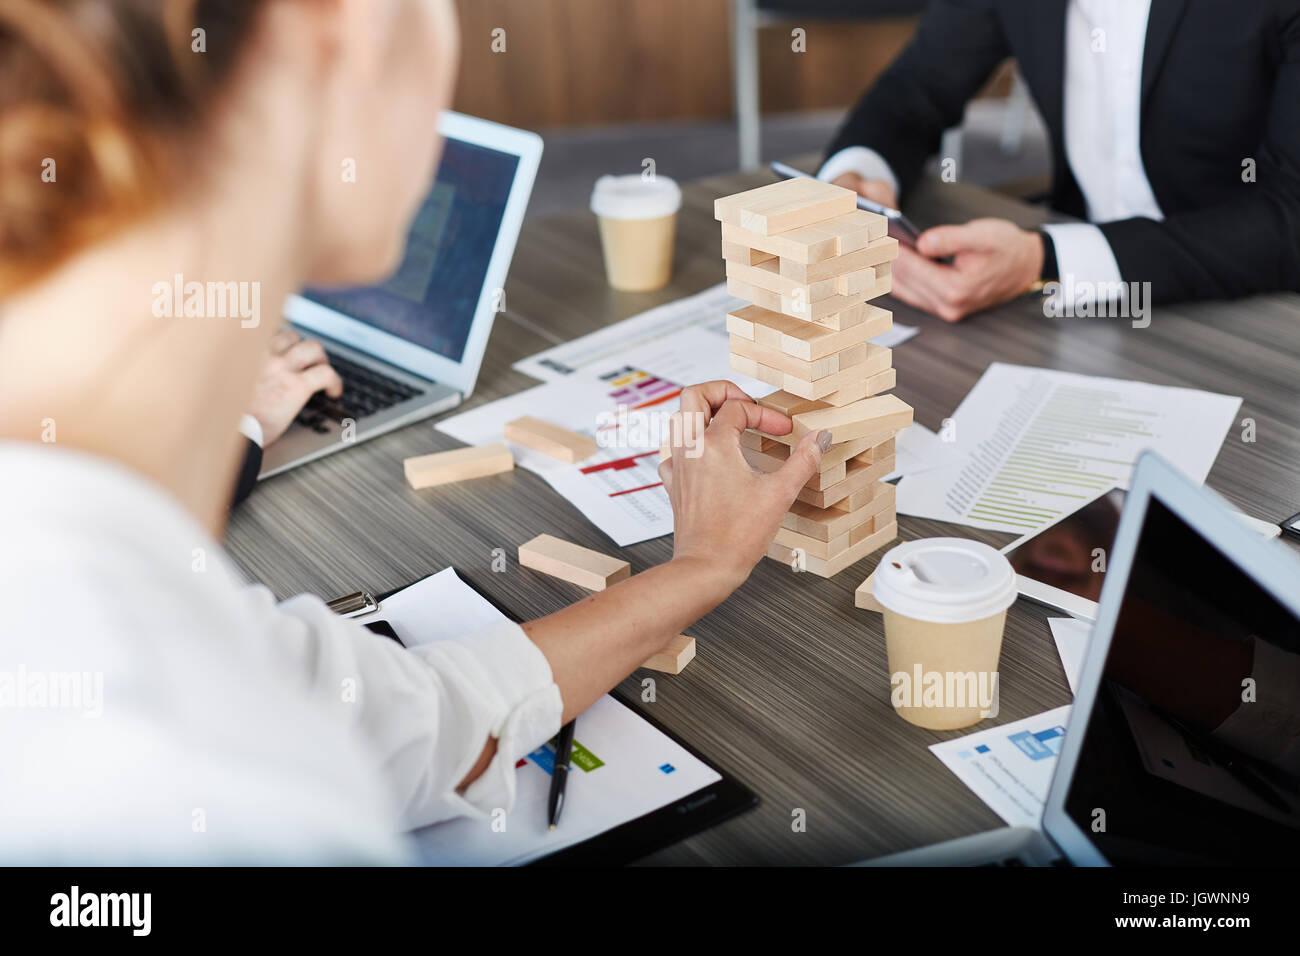 Team von Geschäftsleuten bauen eine Holzkonstruktion. Konzept der Teamarbeit und Partnerschaft Stockbild